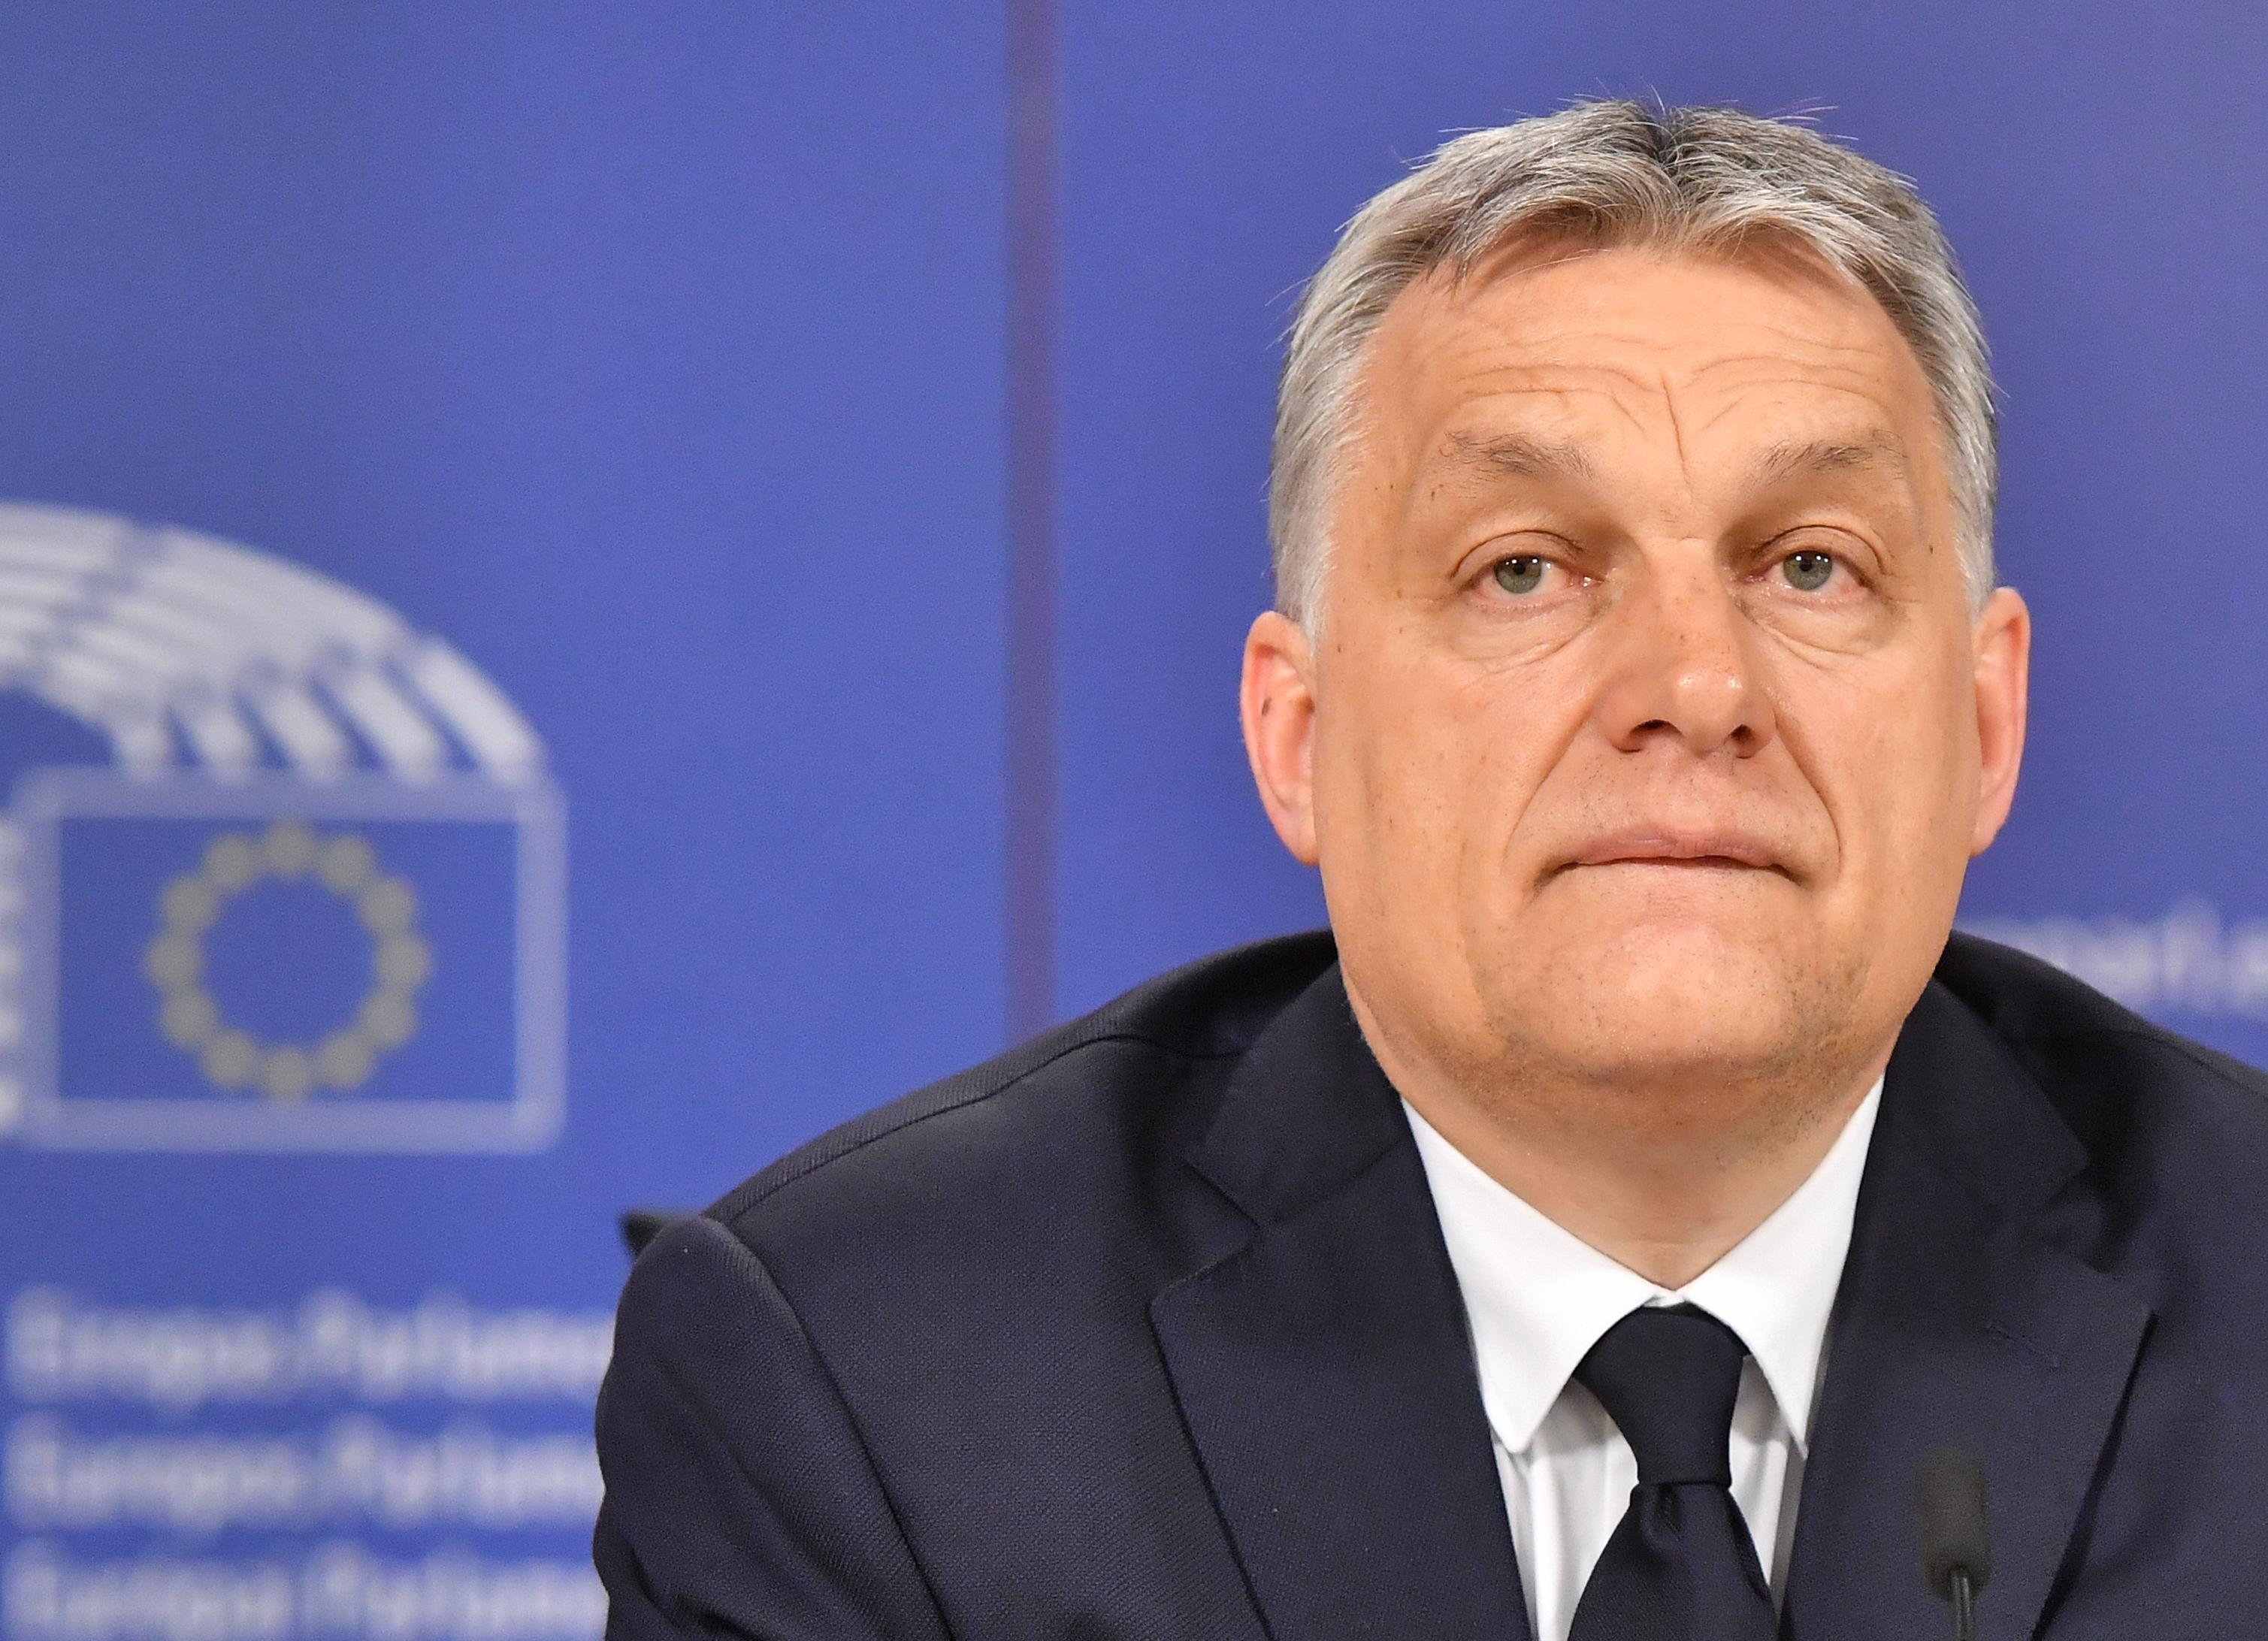 Visszakeményítettek egy kicsit az EU-s jogállamisági feltételeken